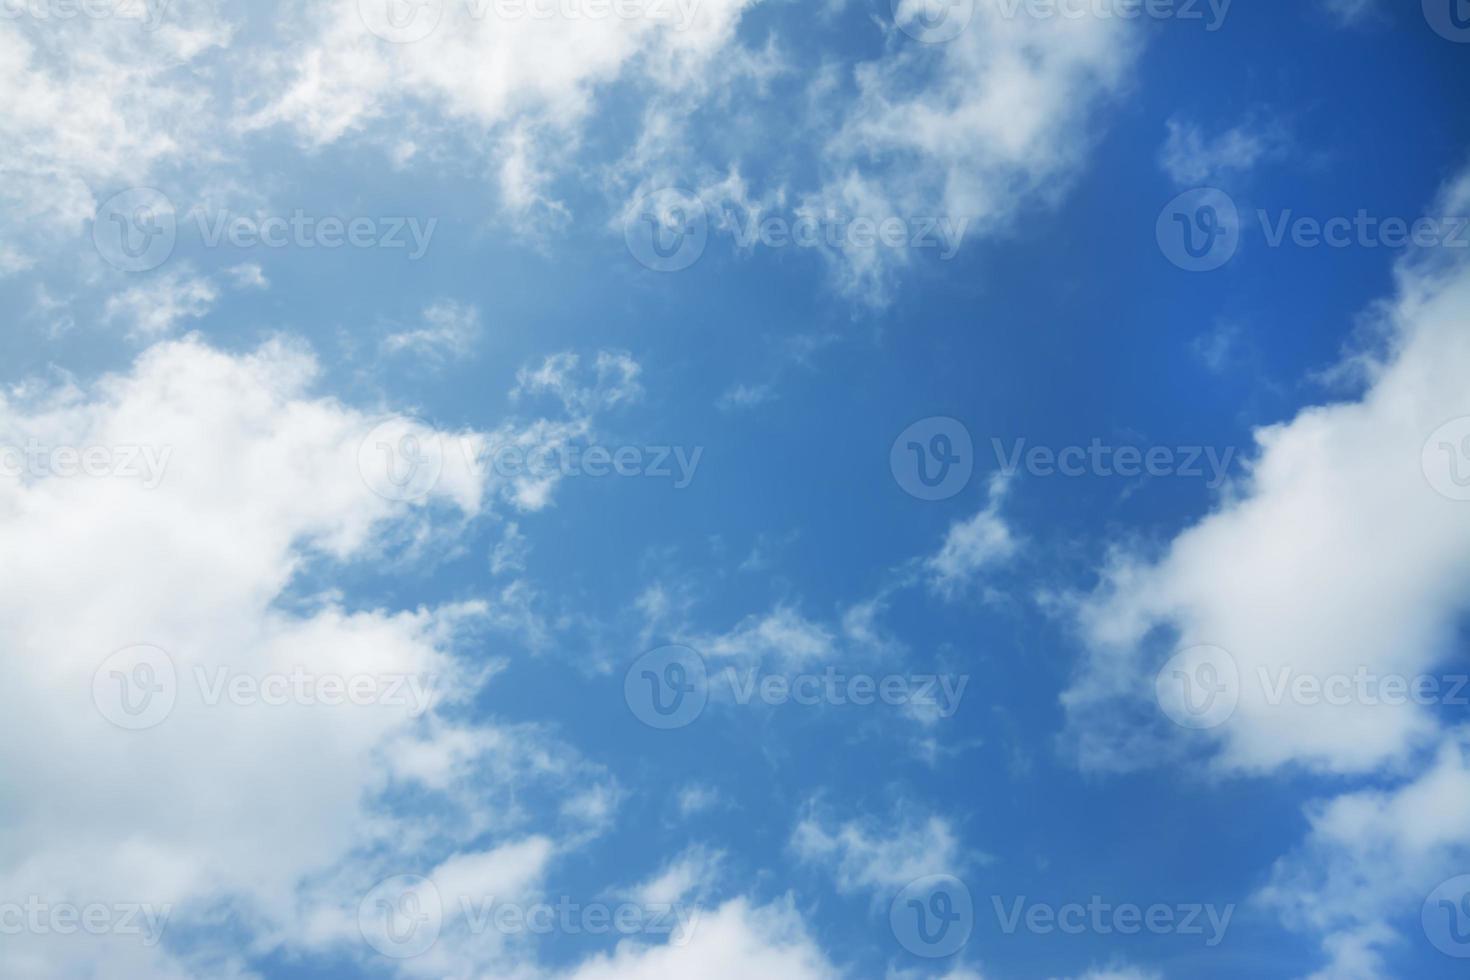 cielo azzurro con nuvole sparse foto